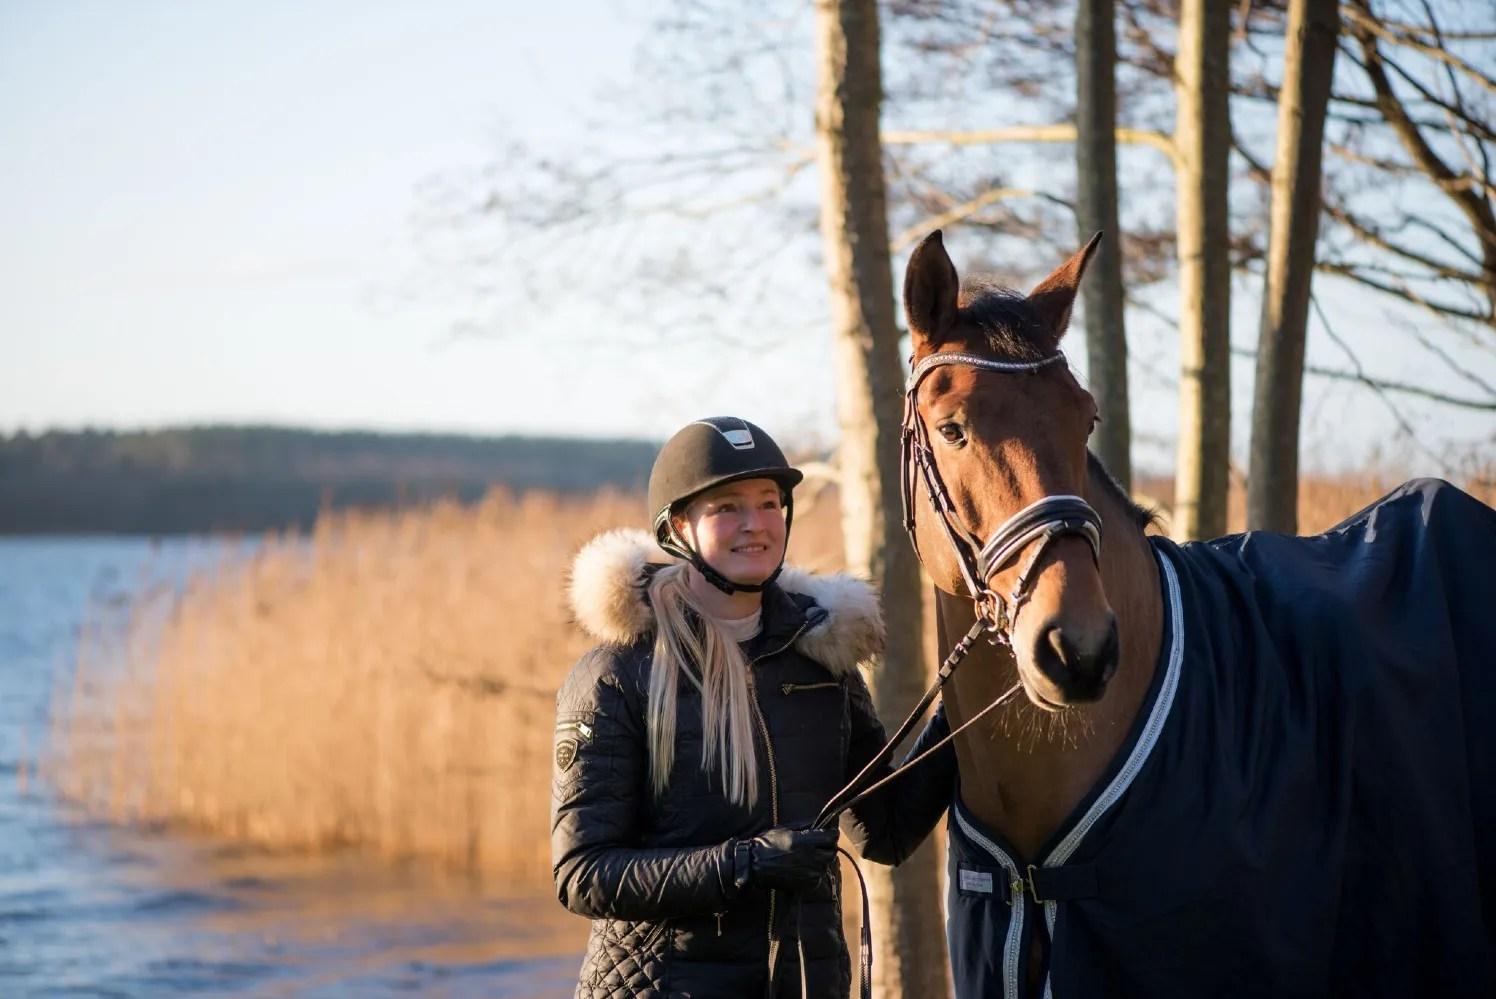 Simone hoppe med hest